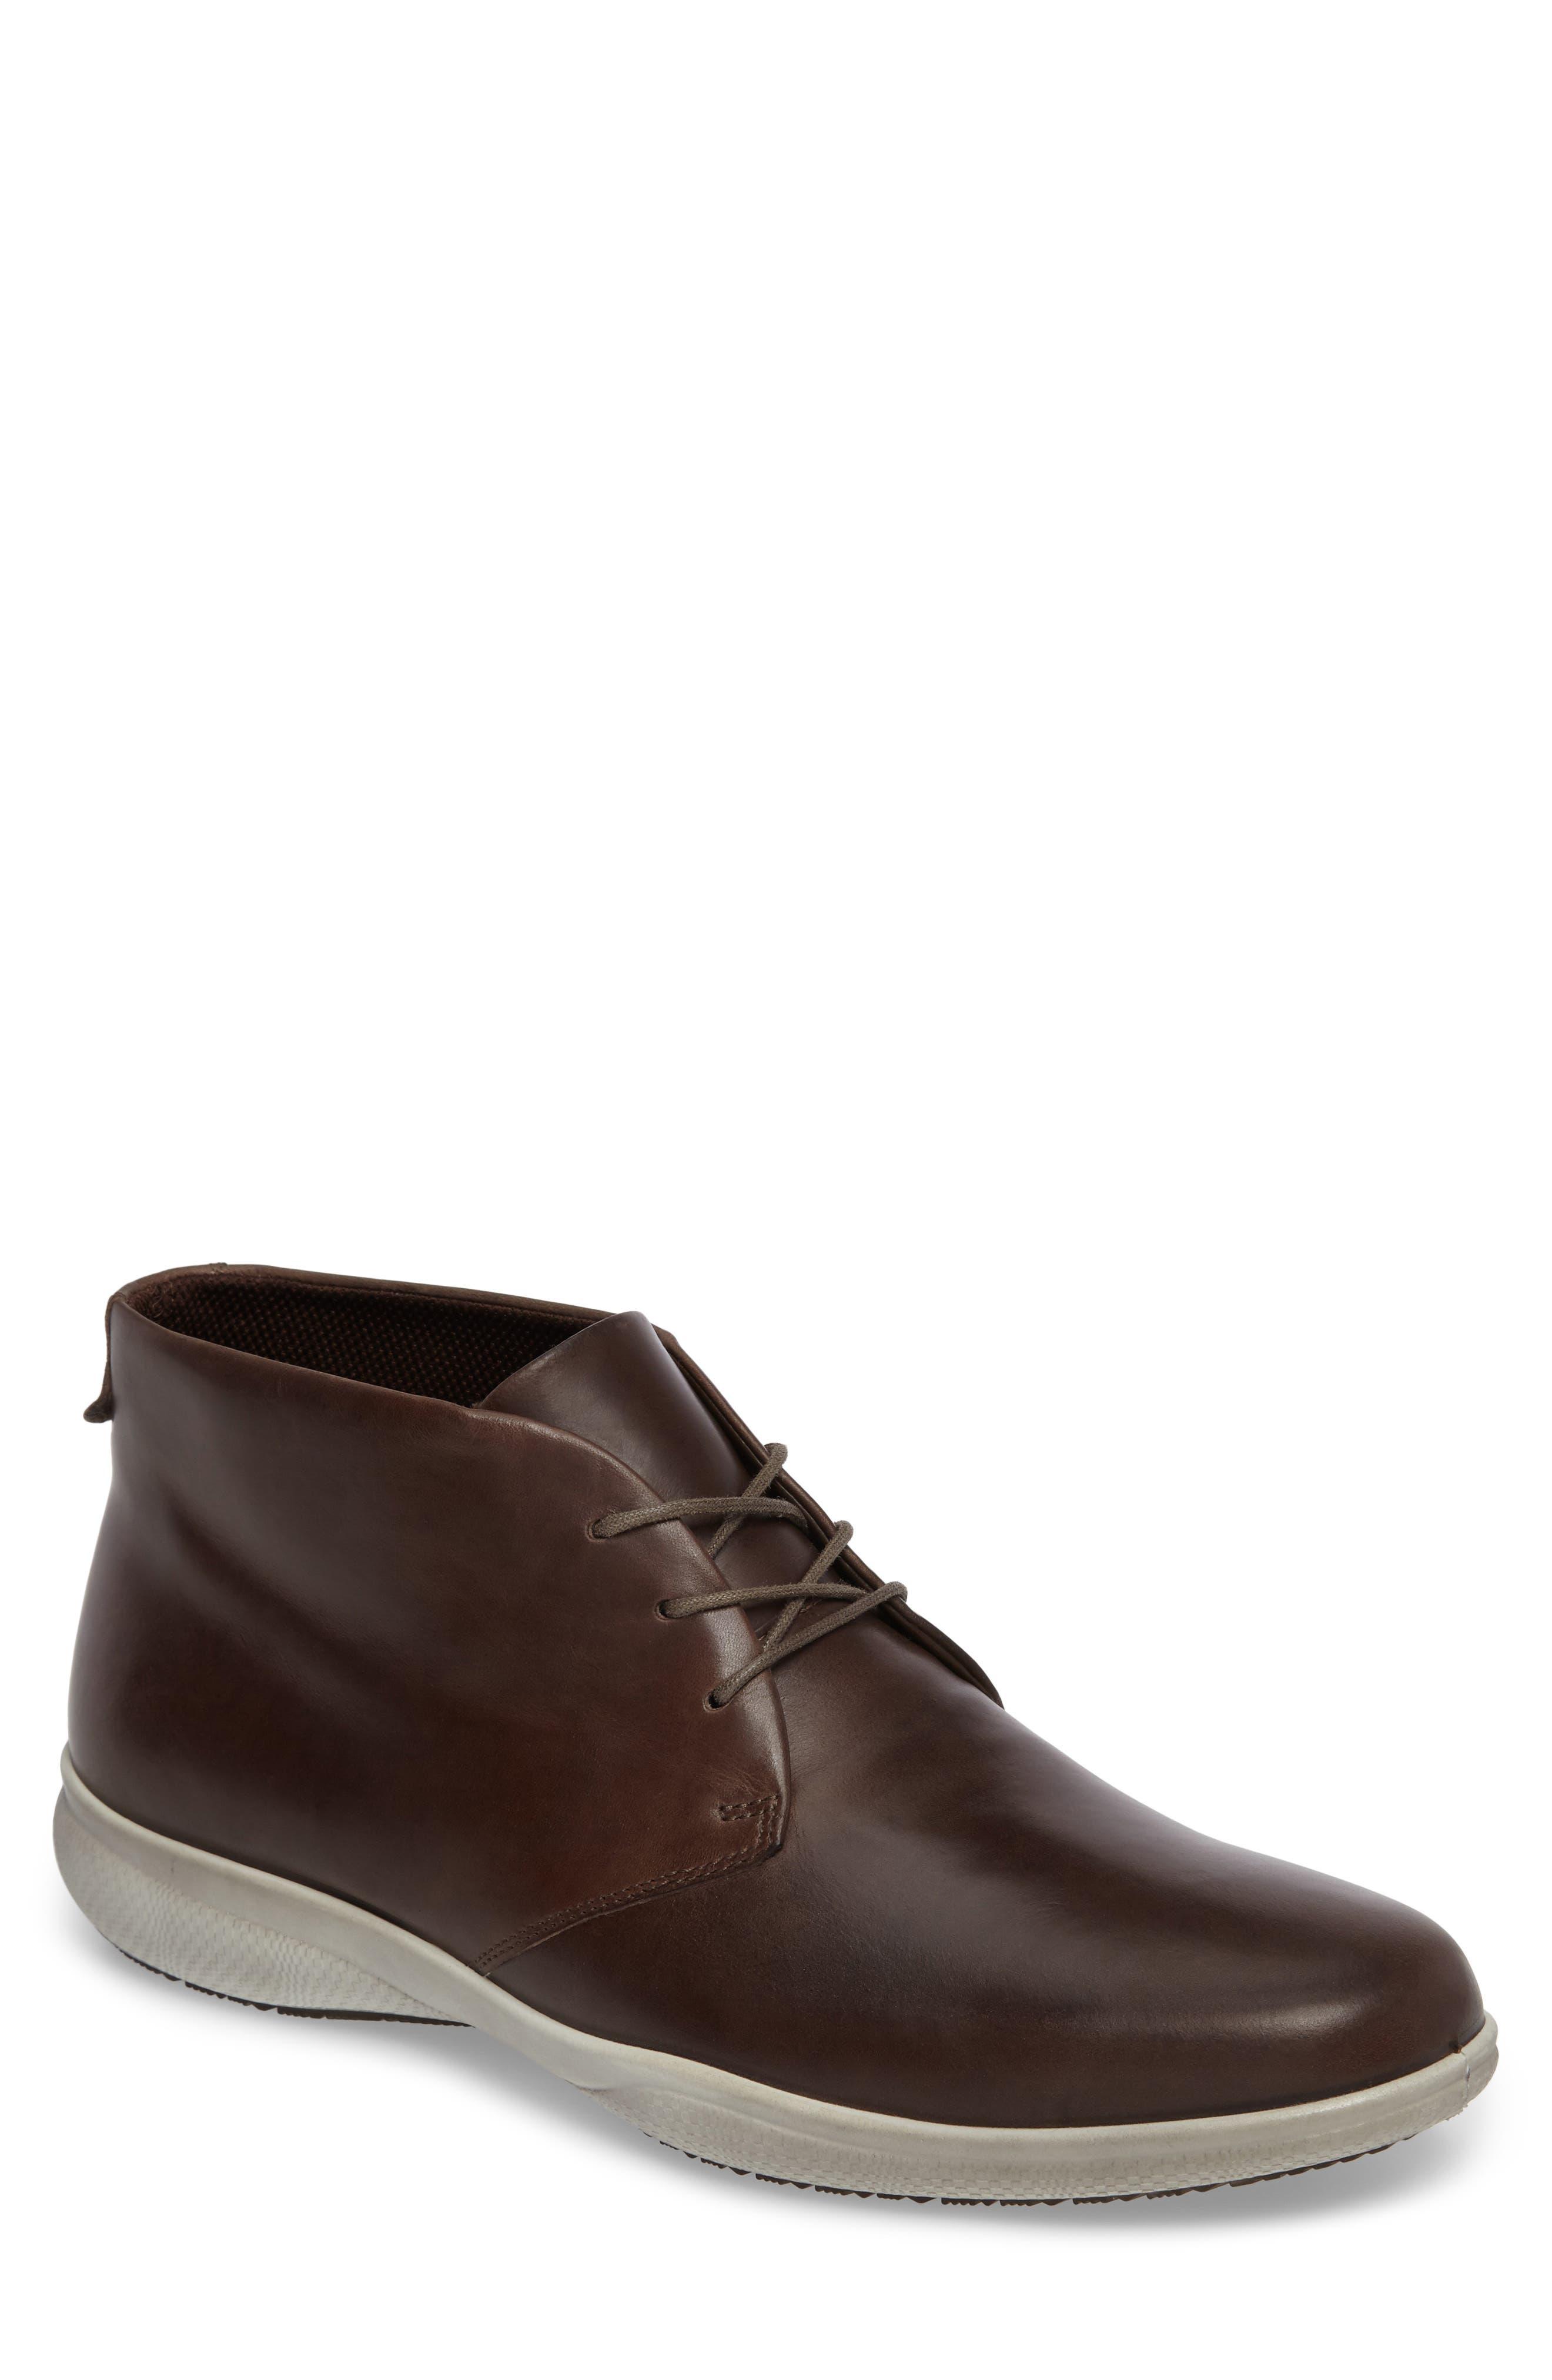 'Grenoble' Chukka Boot,                             Main thumbnail 2, color,